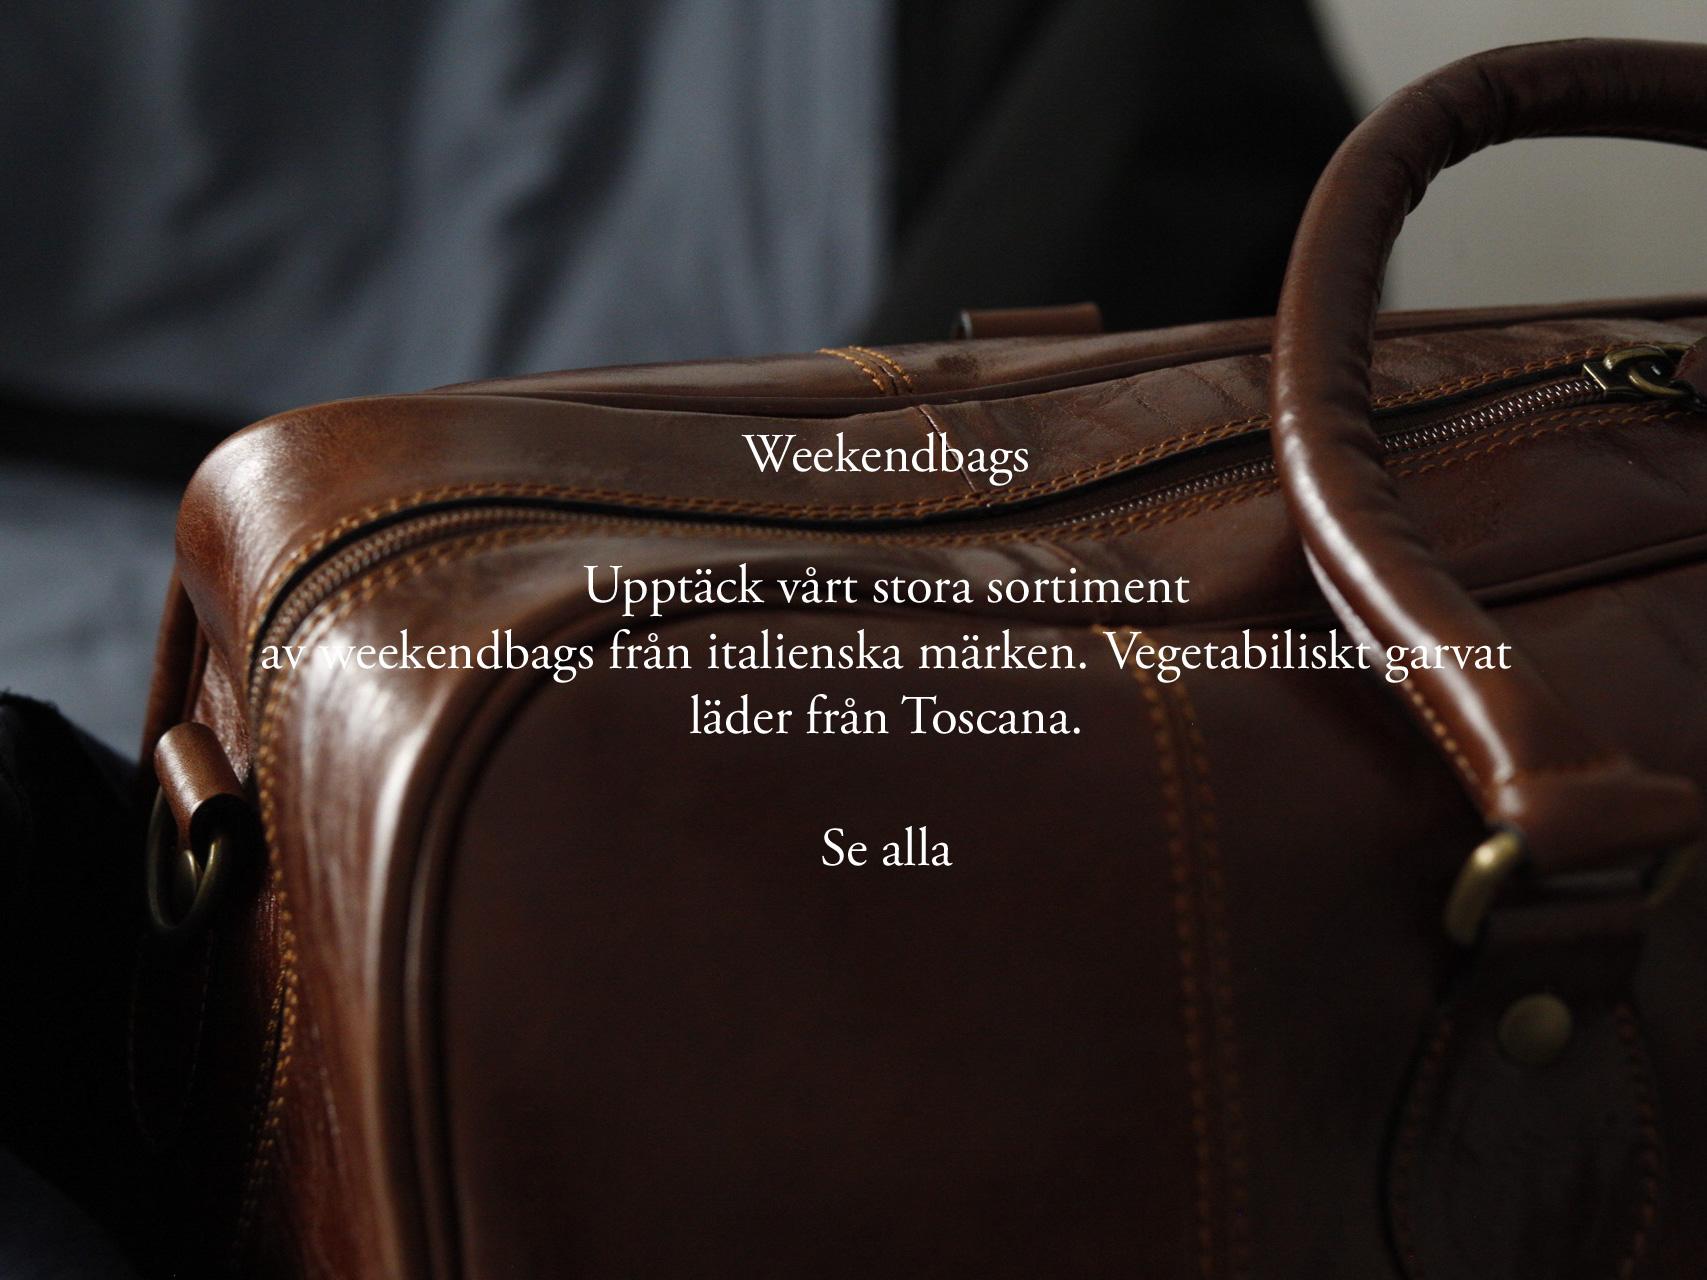 Weekendbags från italienska märken